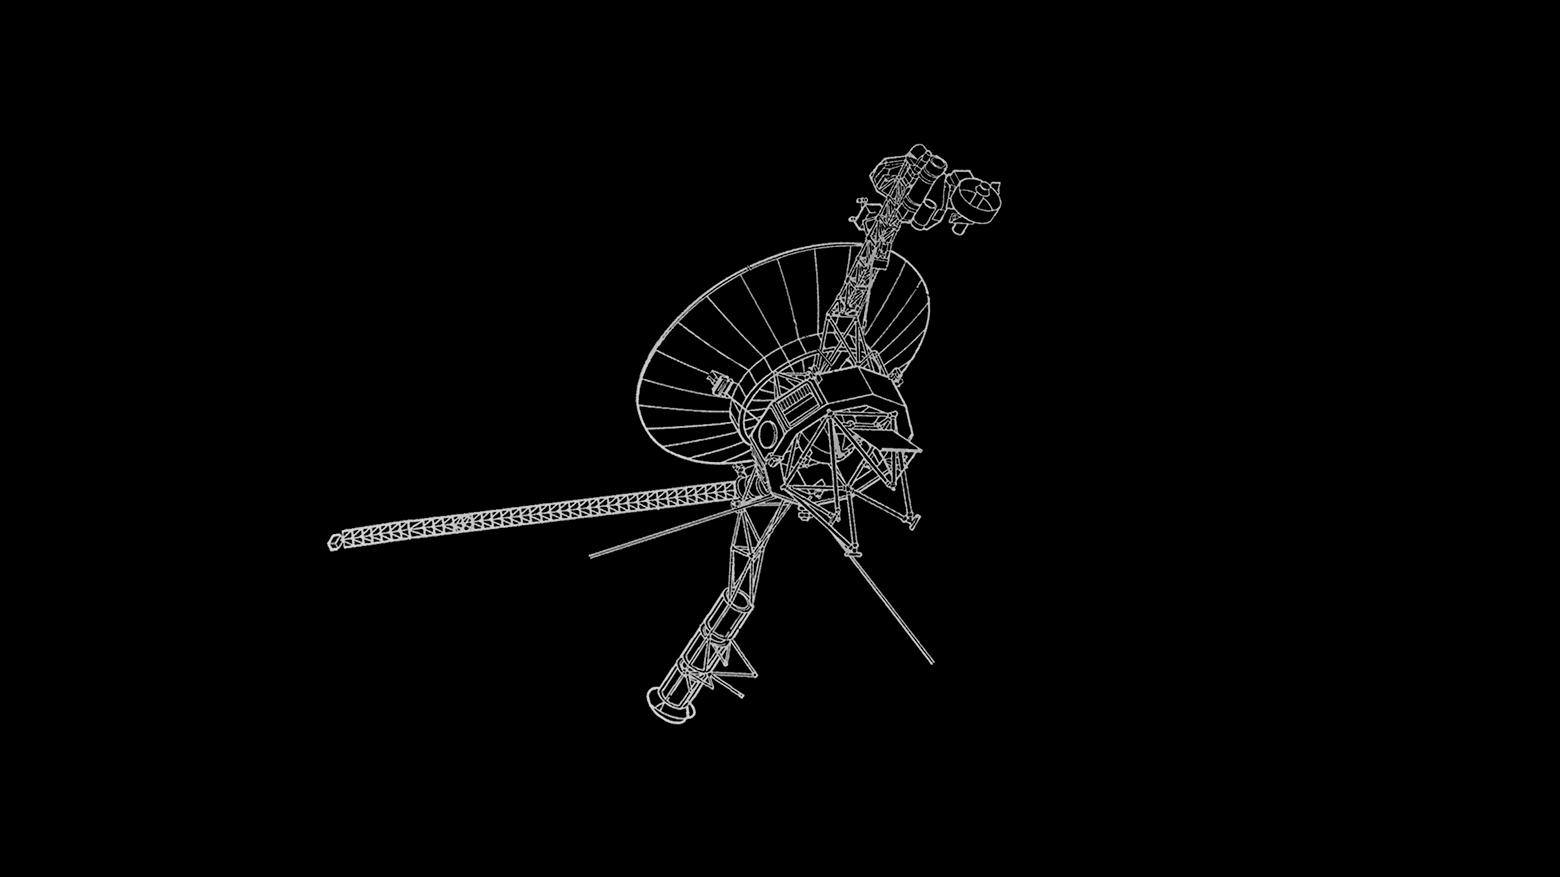 Зонд Voyager 2 открыл неоднородность и пор